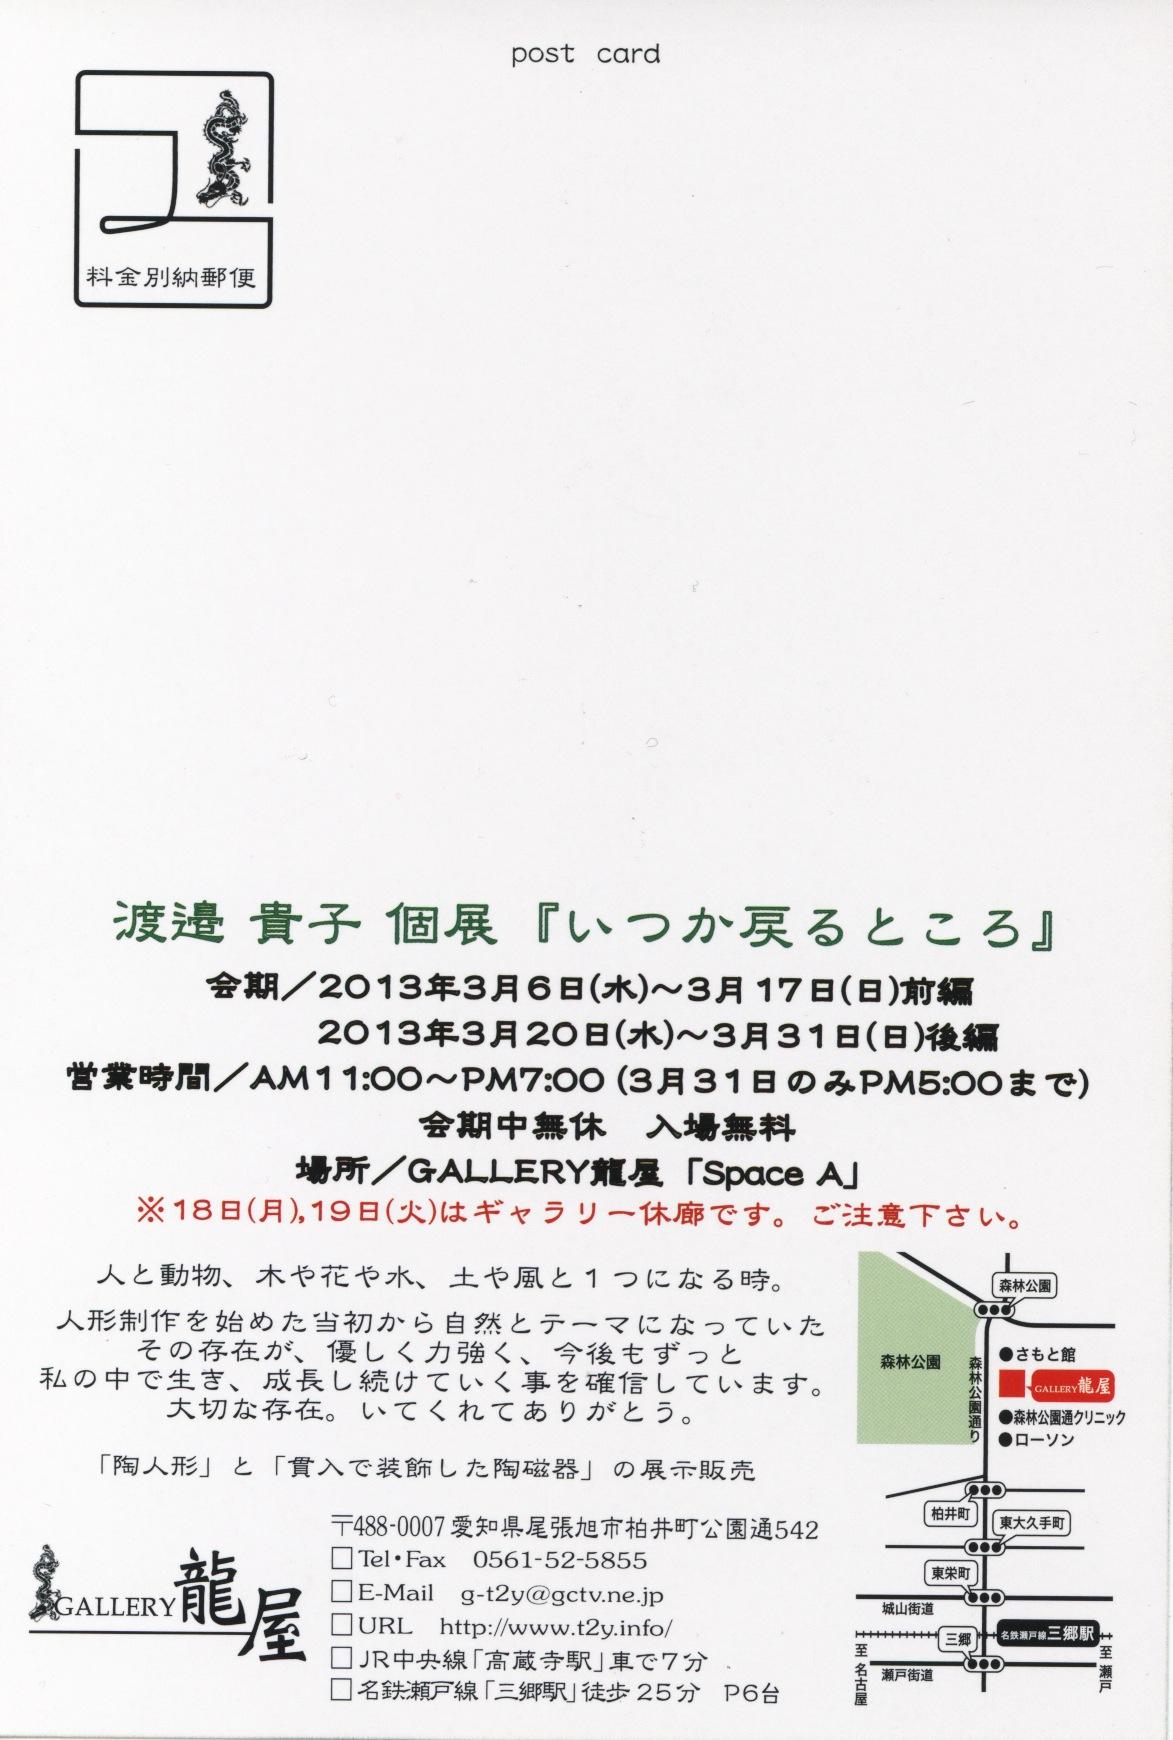 渡邉貴子個展☆開催中です♪_d0178891_2336577.jpg